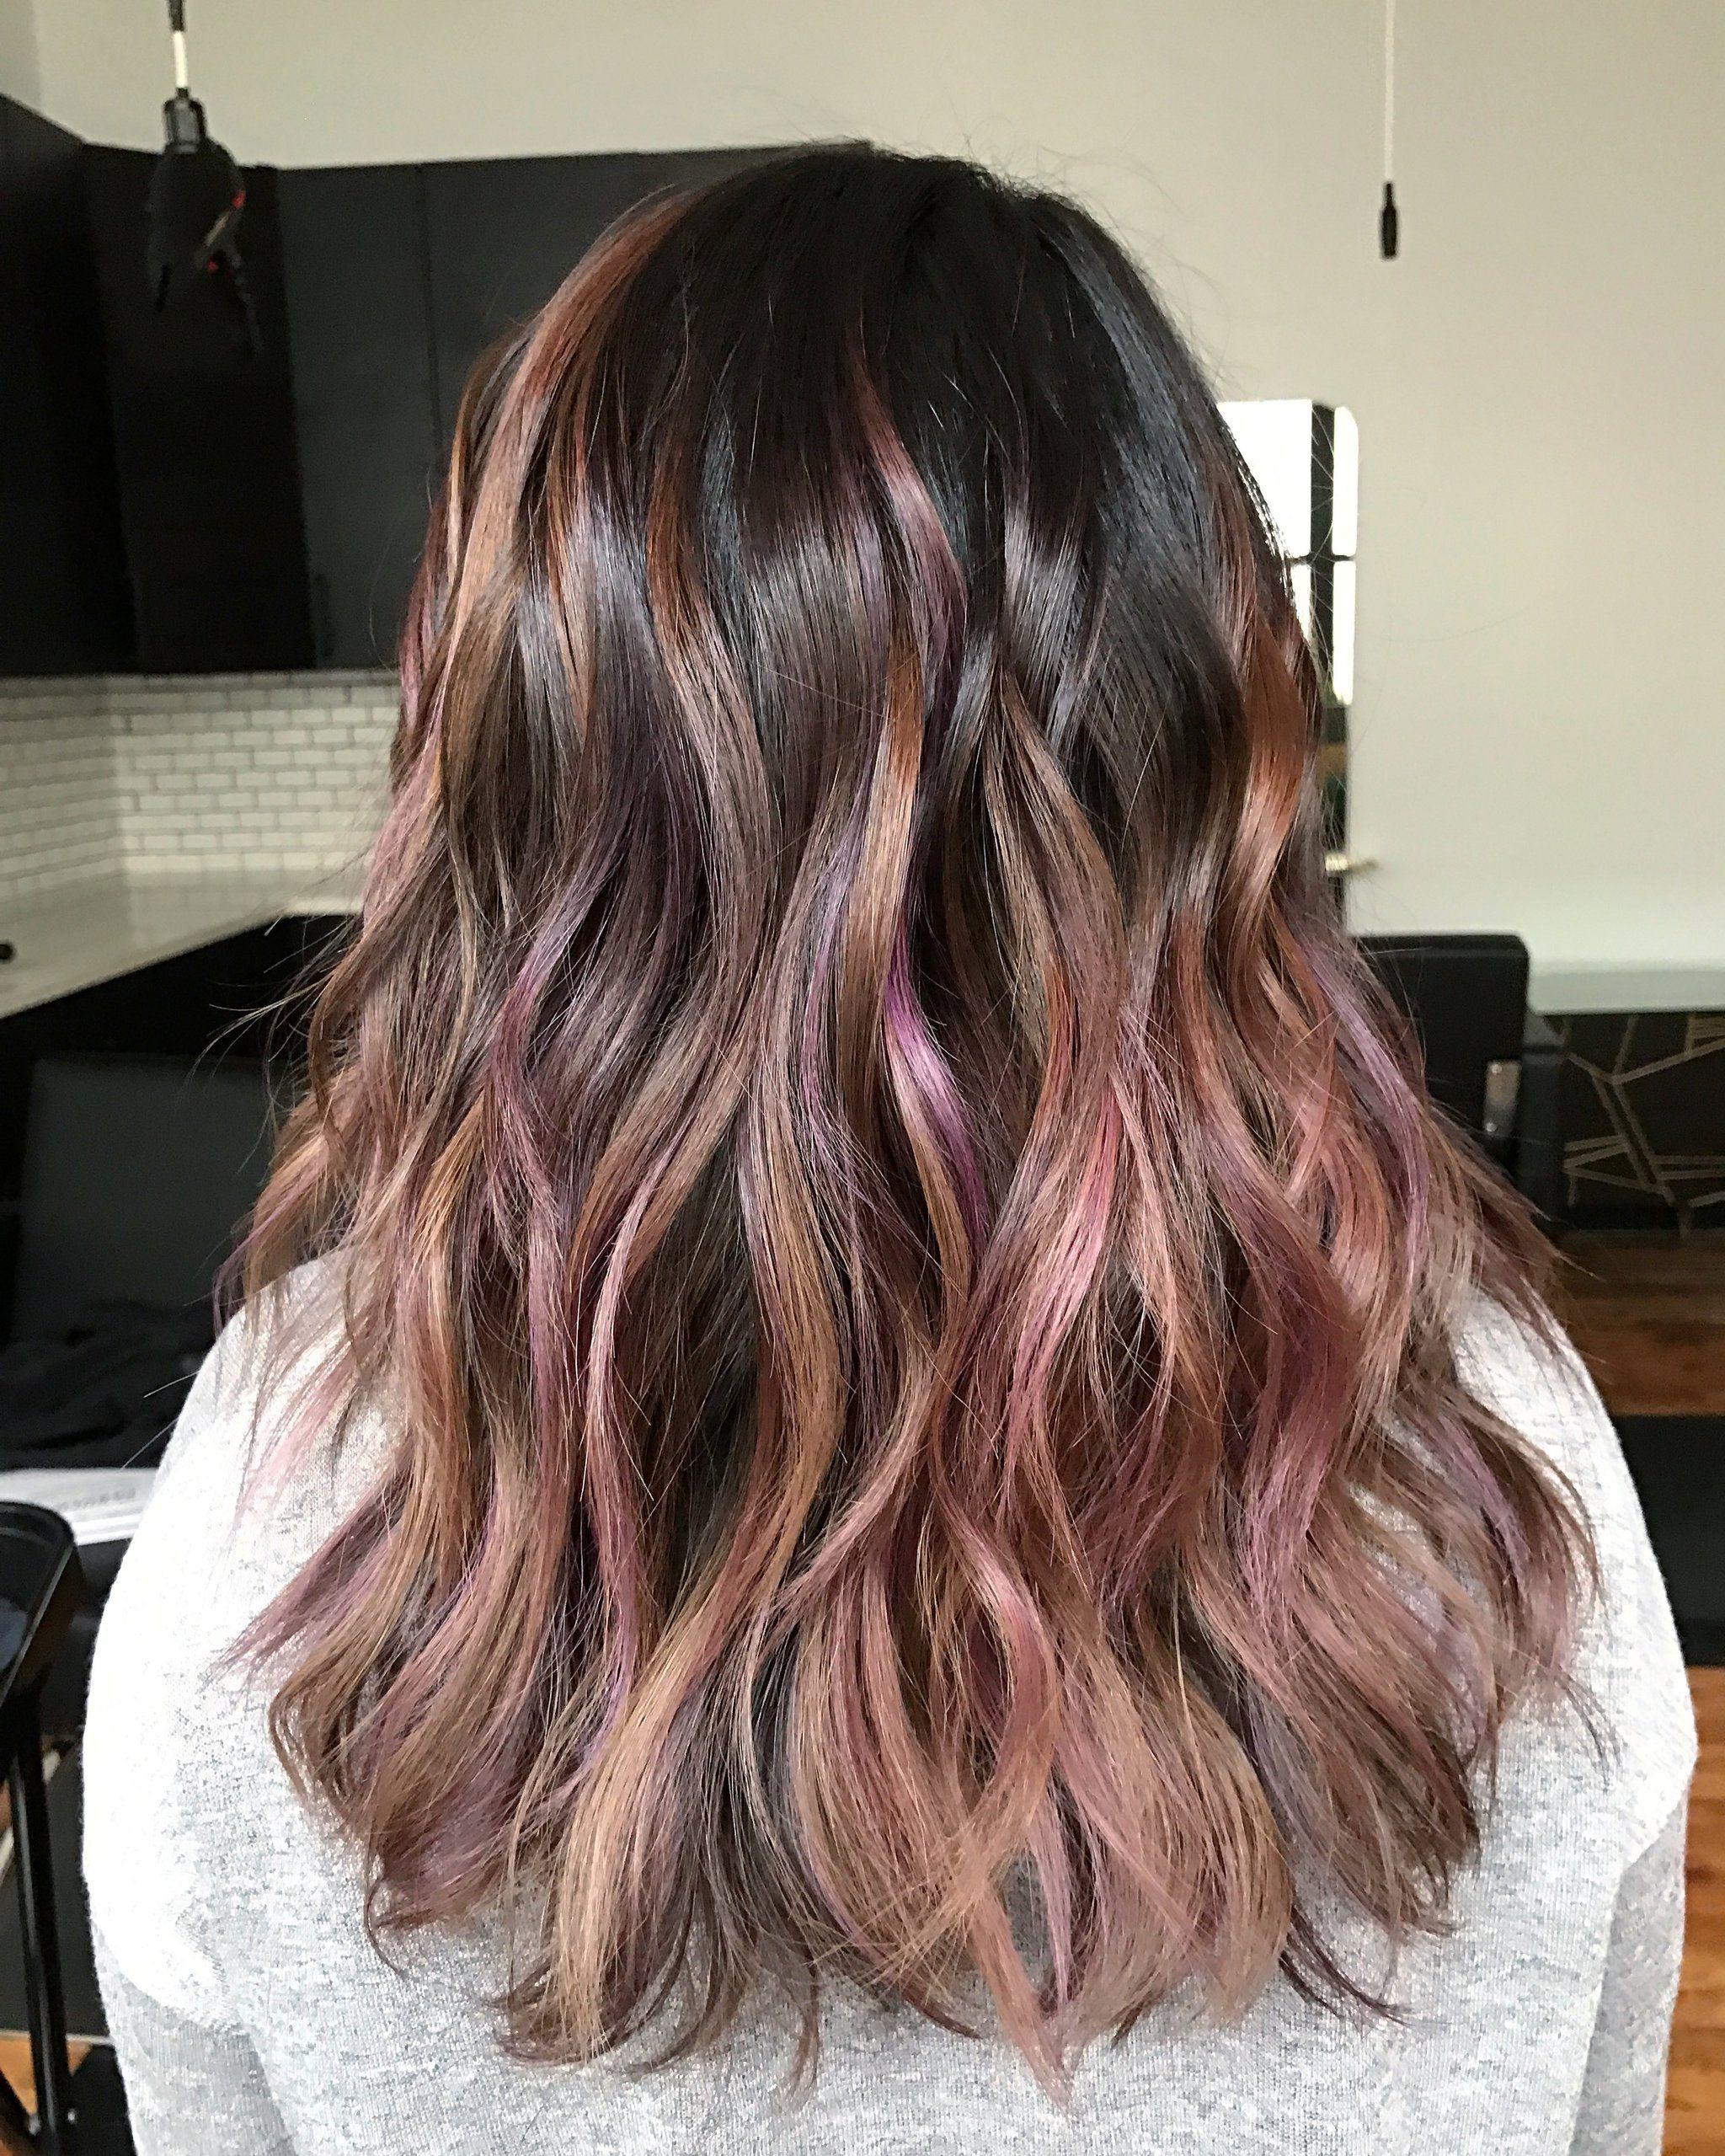 couleur de cheveux 2021 Brun chocolat rougi